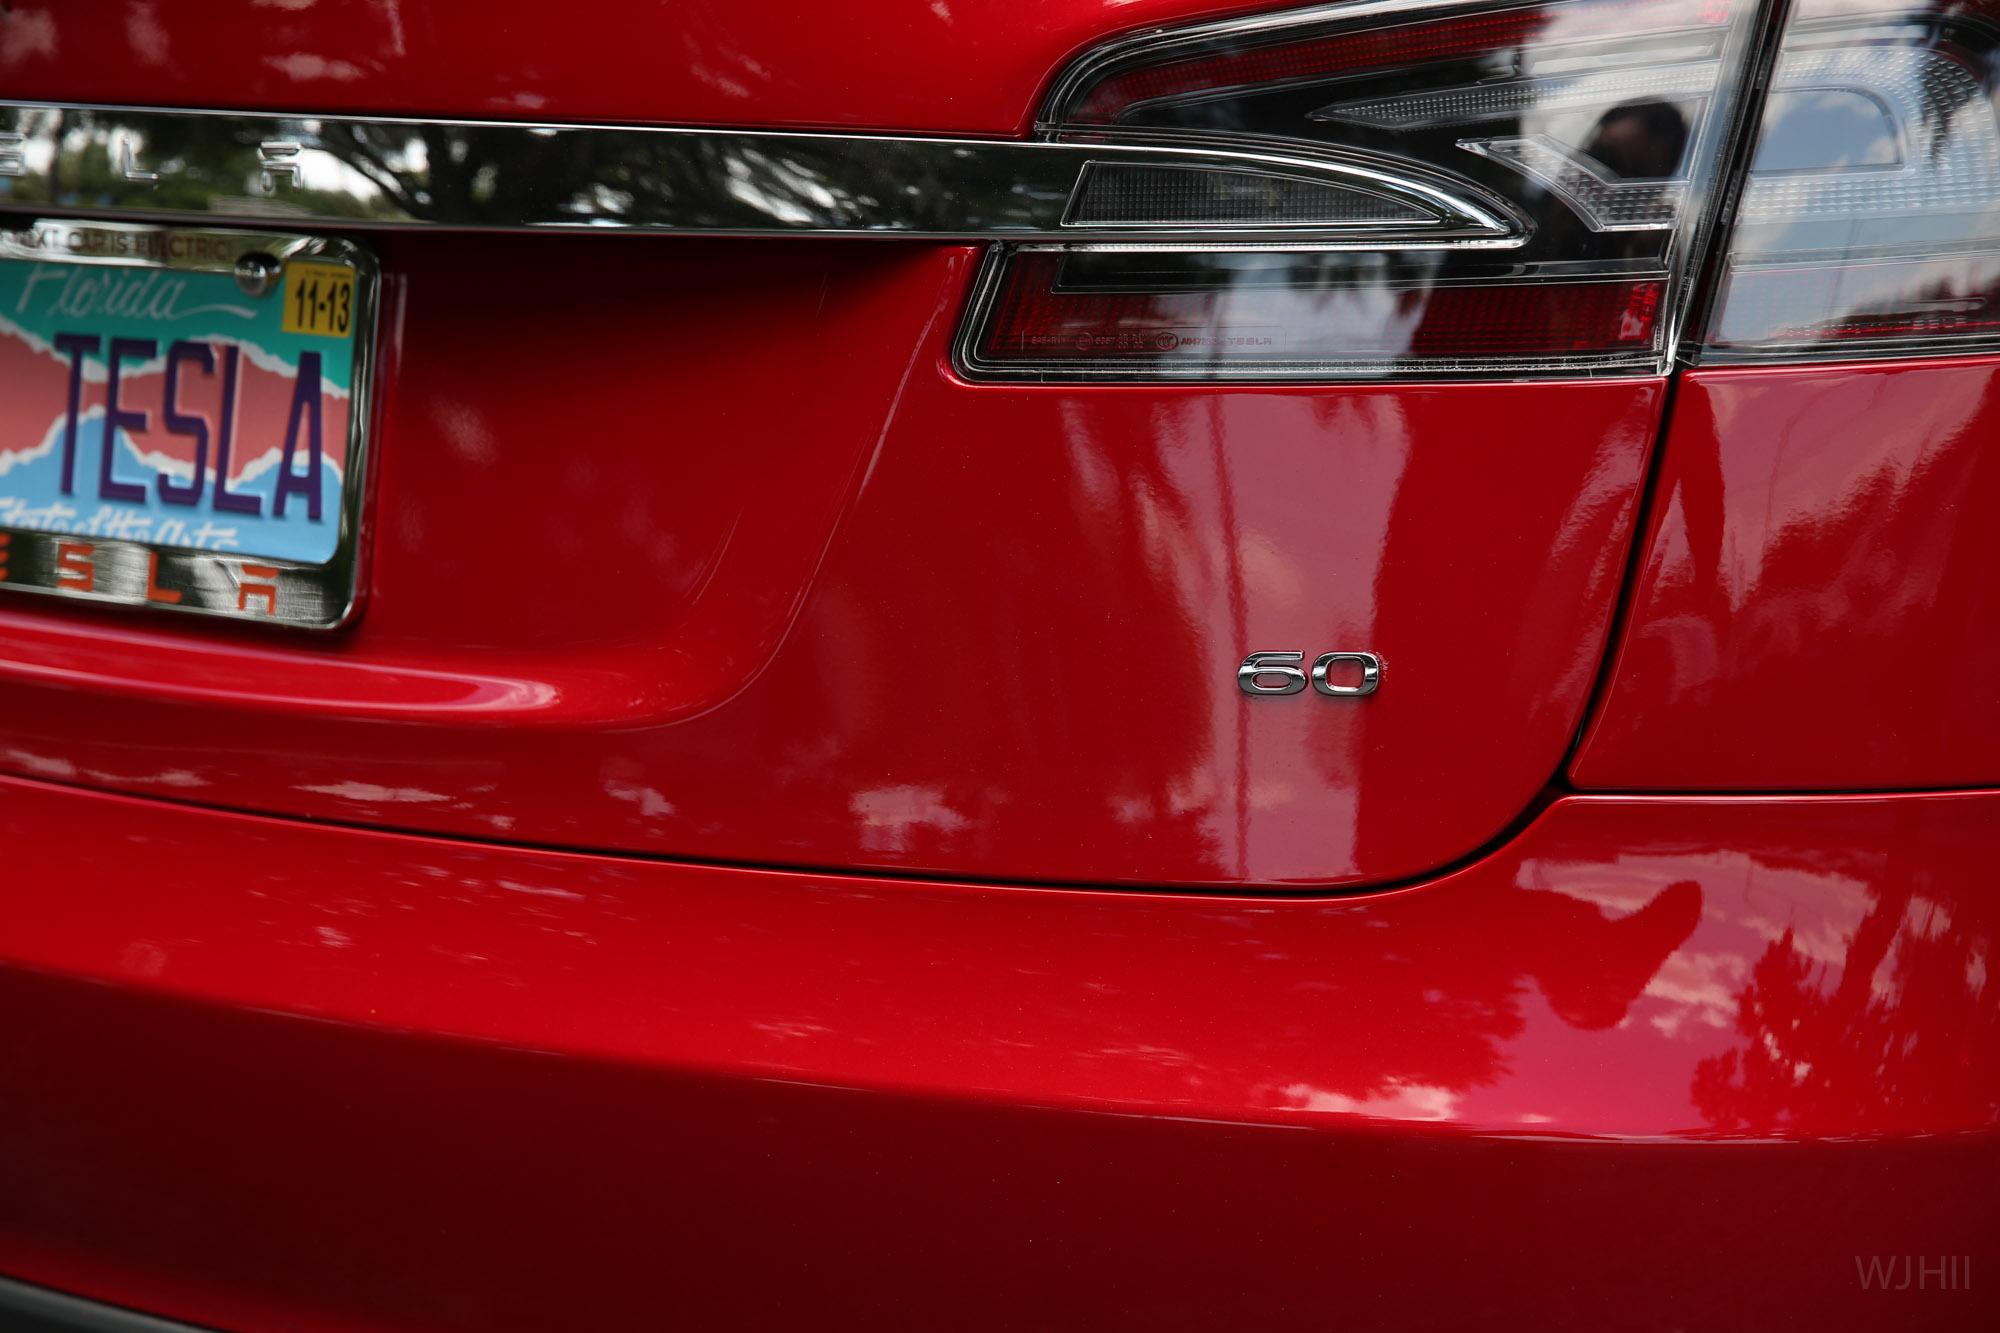 TeslaMotorsClub_Tampa_28APR13_0066.jpg